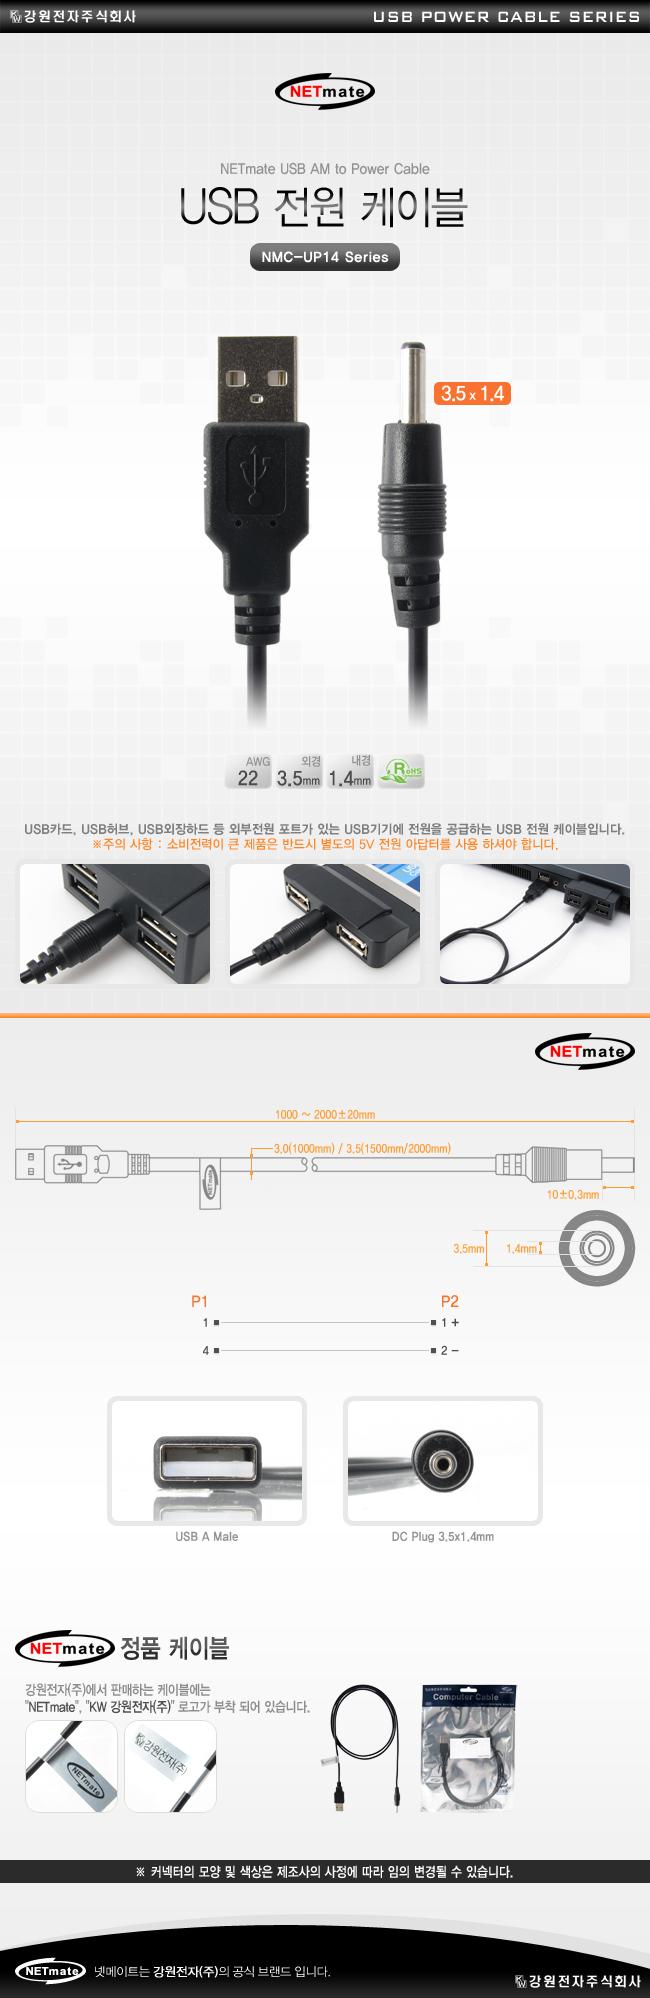 강원전자 NETmate USB to DC 플러그 3.5x1.4mm 전원 케이블 블랙(1.5m, NMC-UP1415)